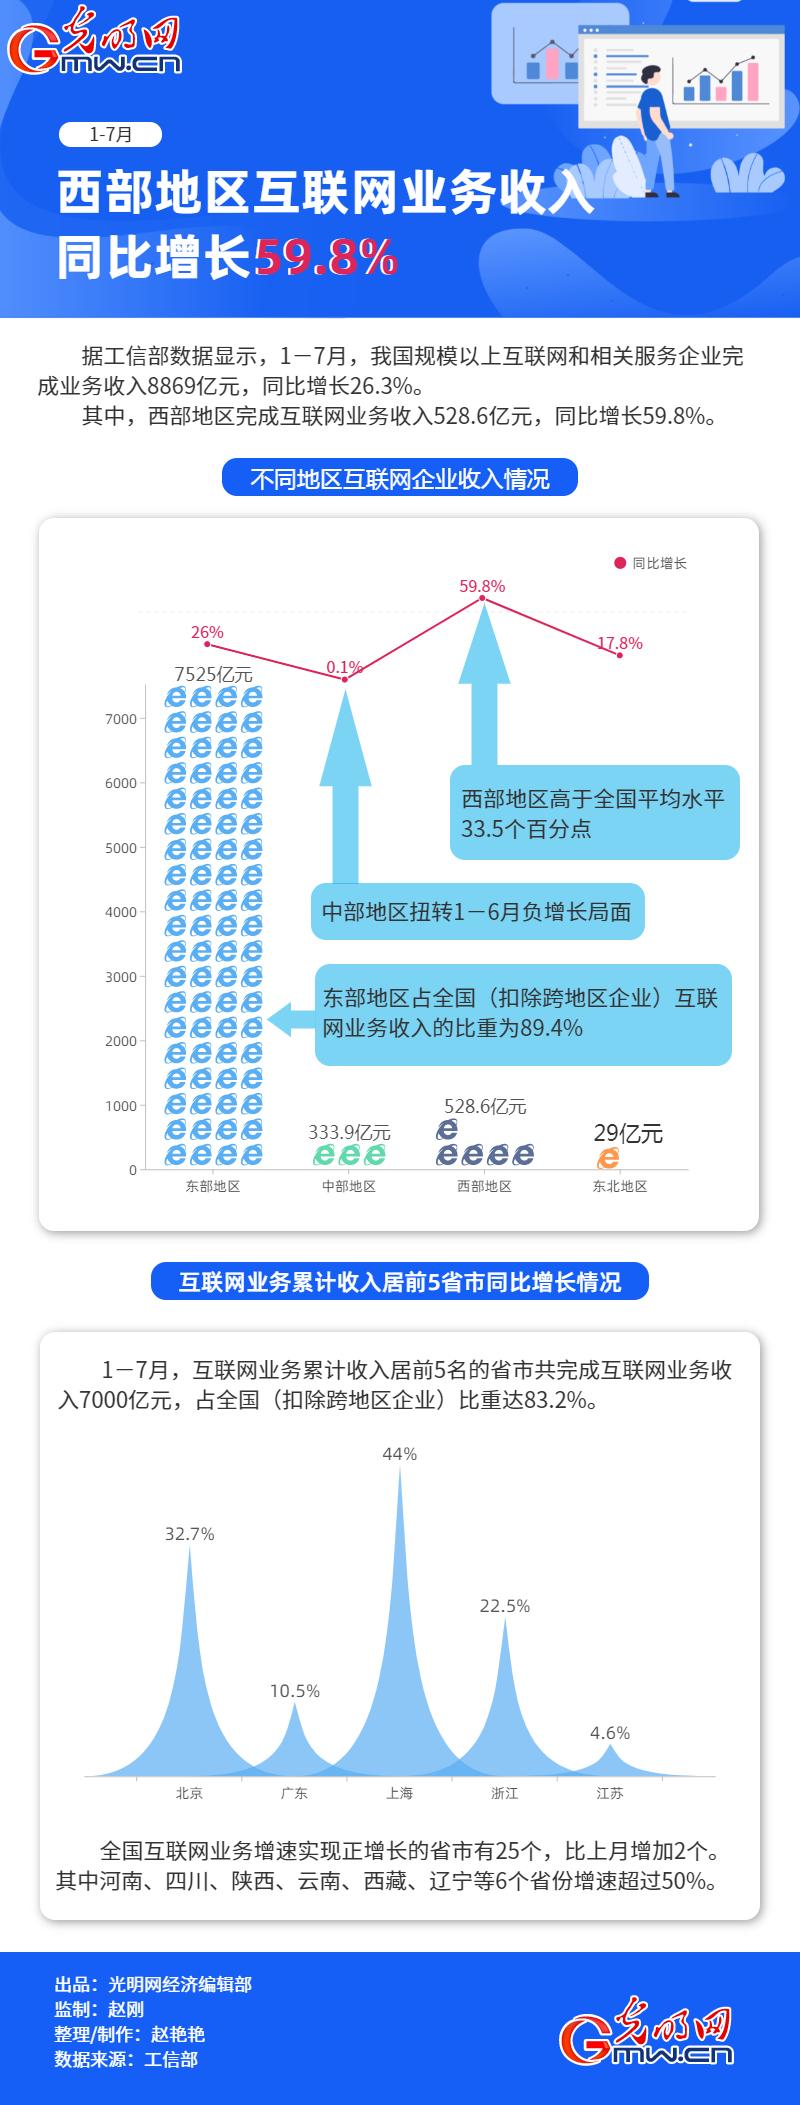 數據圖解丨1-7月 西部地區互聯網業務收入同比增長59.8%